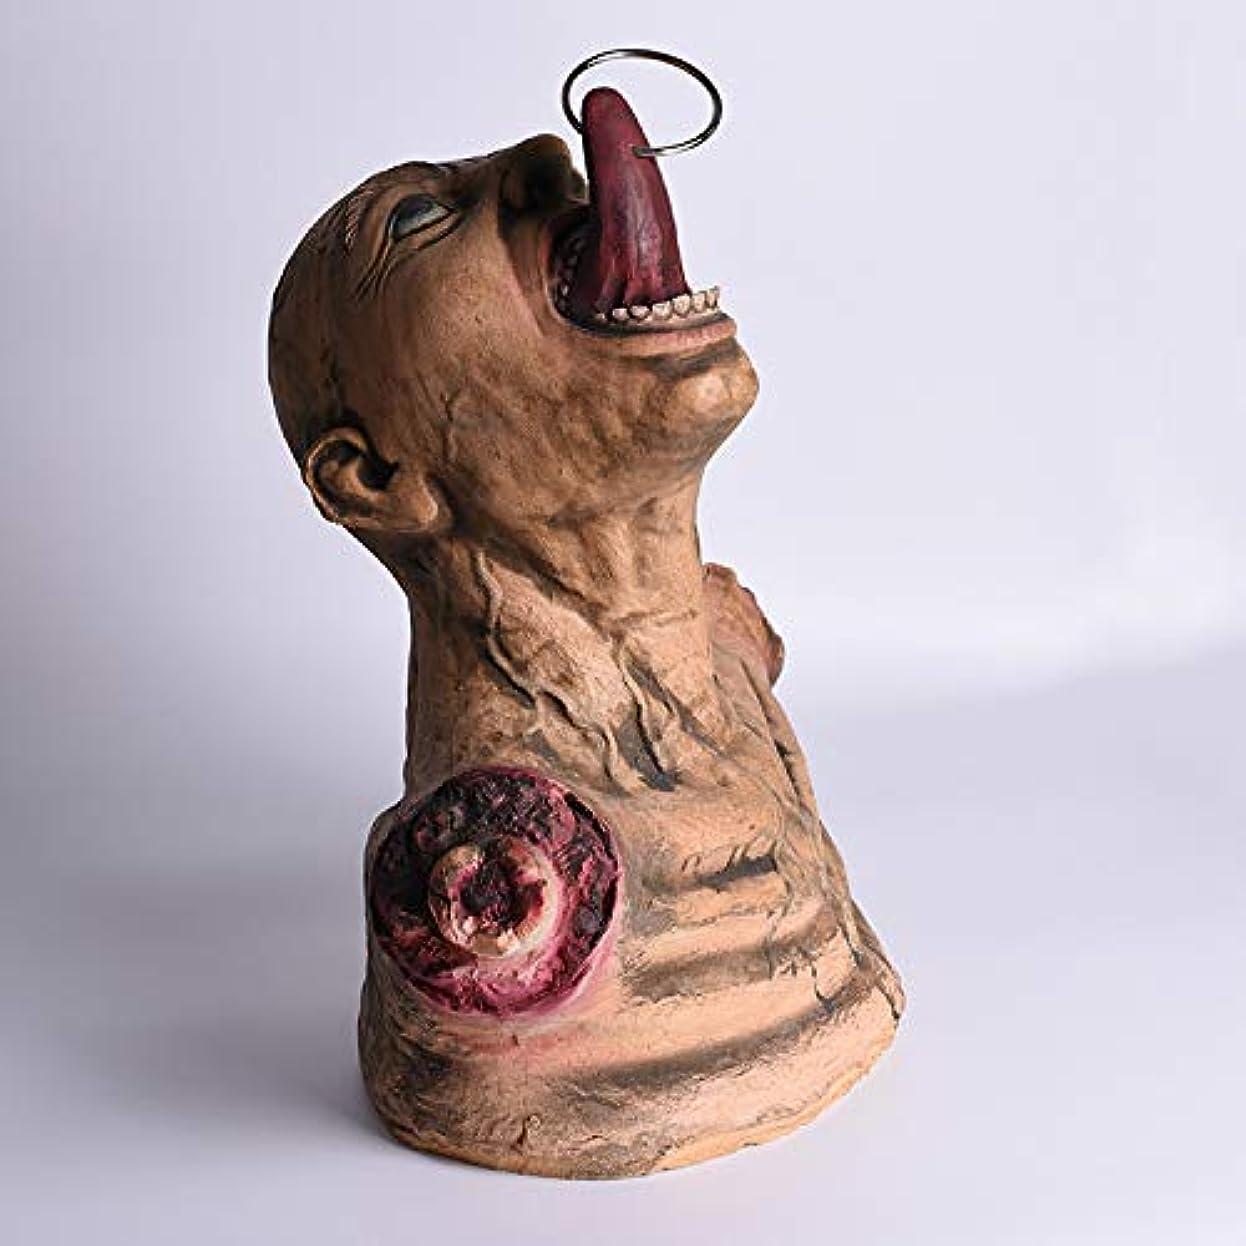 雑品倒産スカウトETRRUU HOME ハロウィーンお化けハウスルームエスケープ怖い小道具恐怖壊れた手ぶら下げ幽霊死体全身ゾンビ装飾